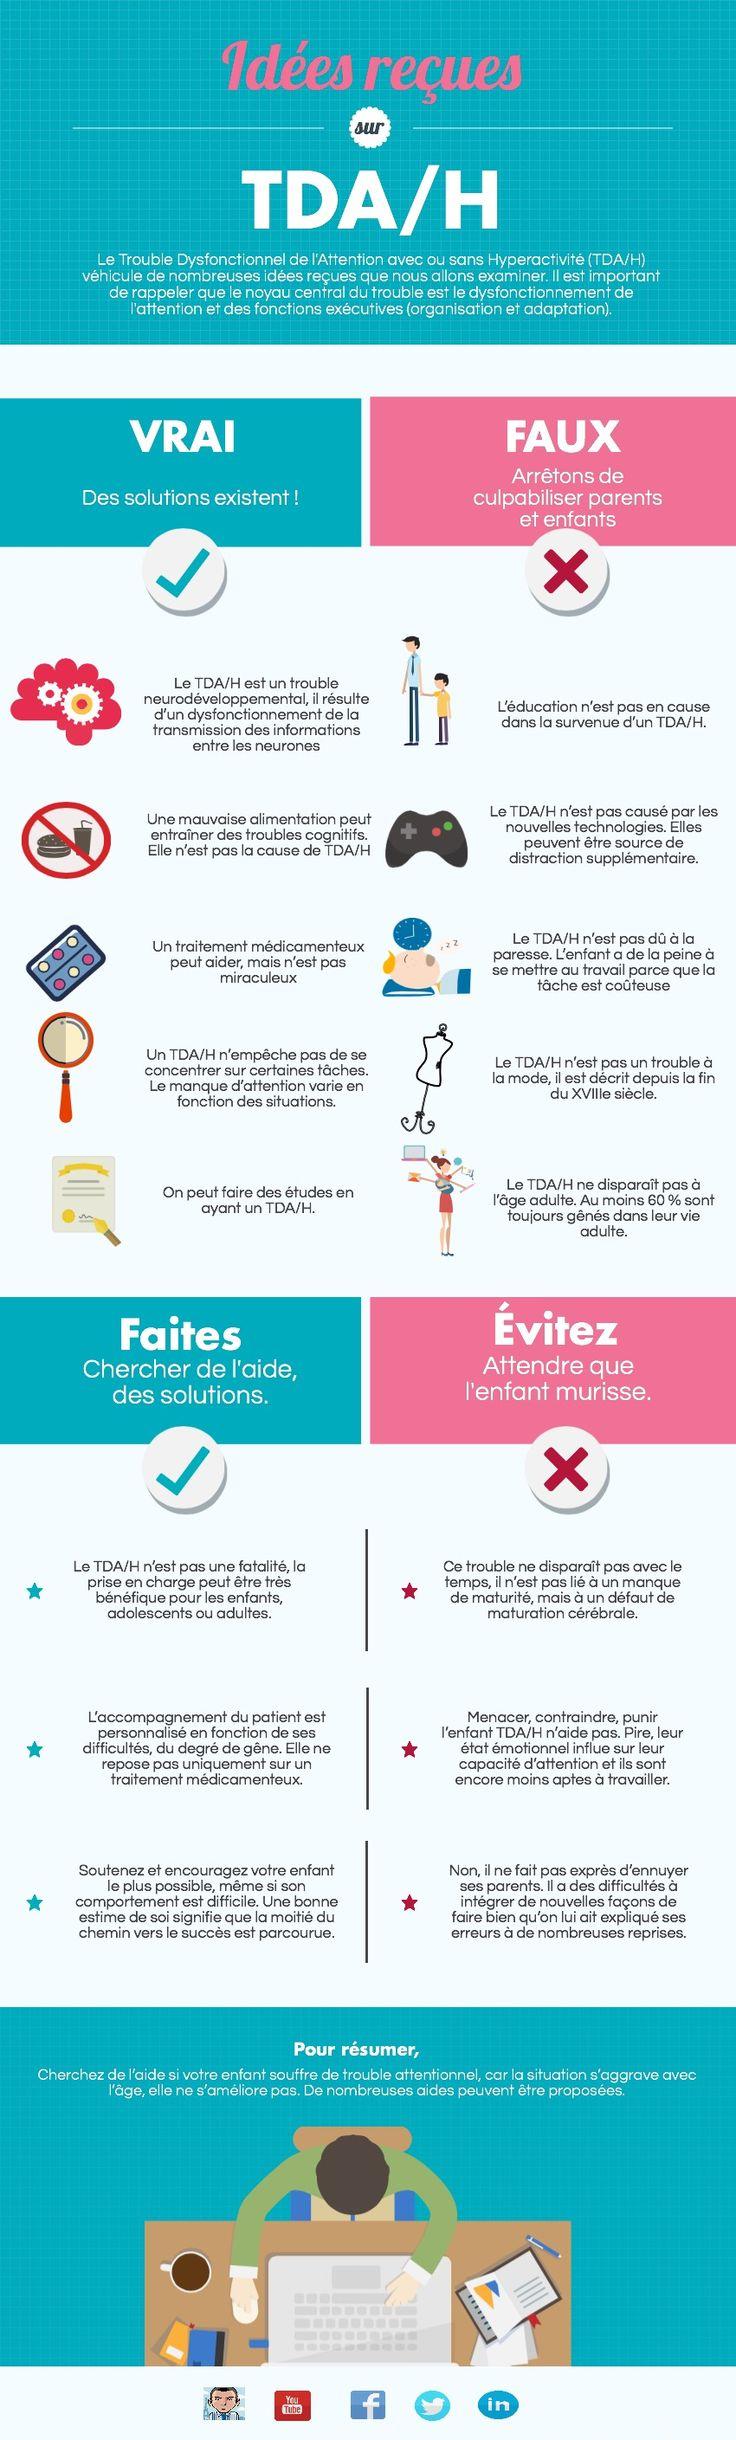 Questions sur le TDA/H | @Piktochart Infographic